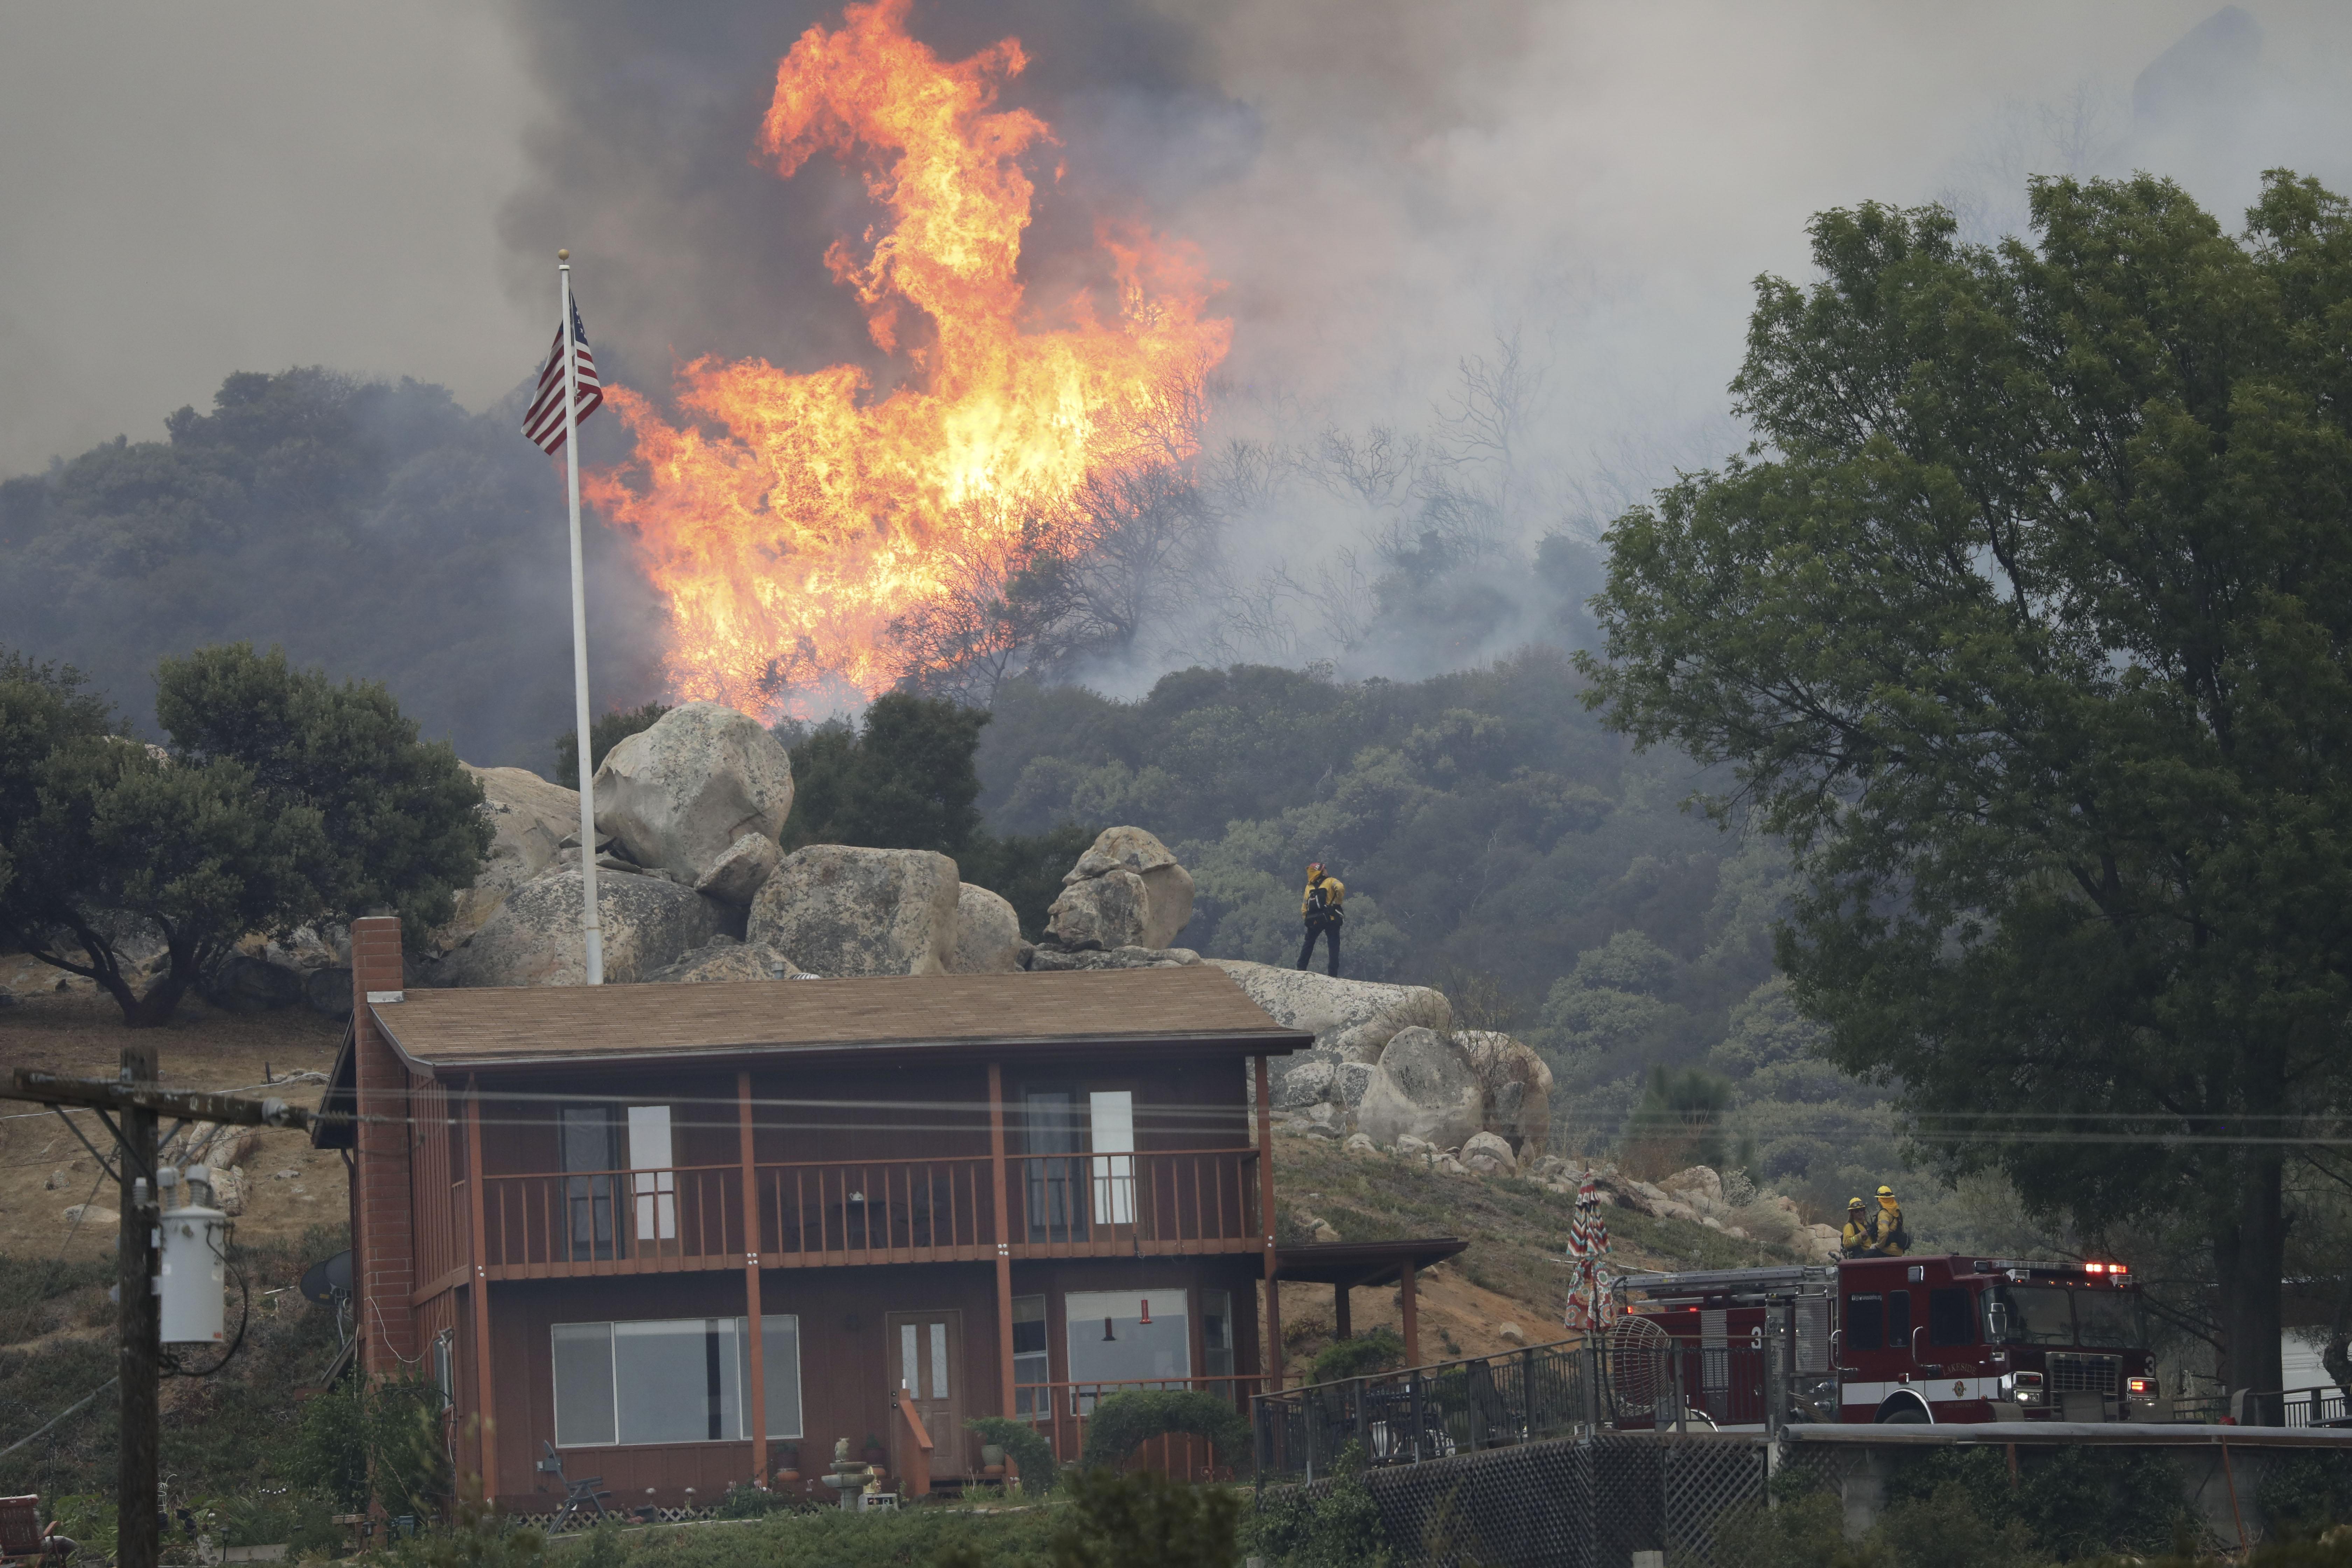 800 ezer hektárt perzselt már fel a tűz idén Kaliforniában, és csak most jönnek a kemény hónapok